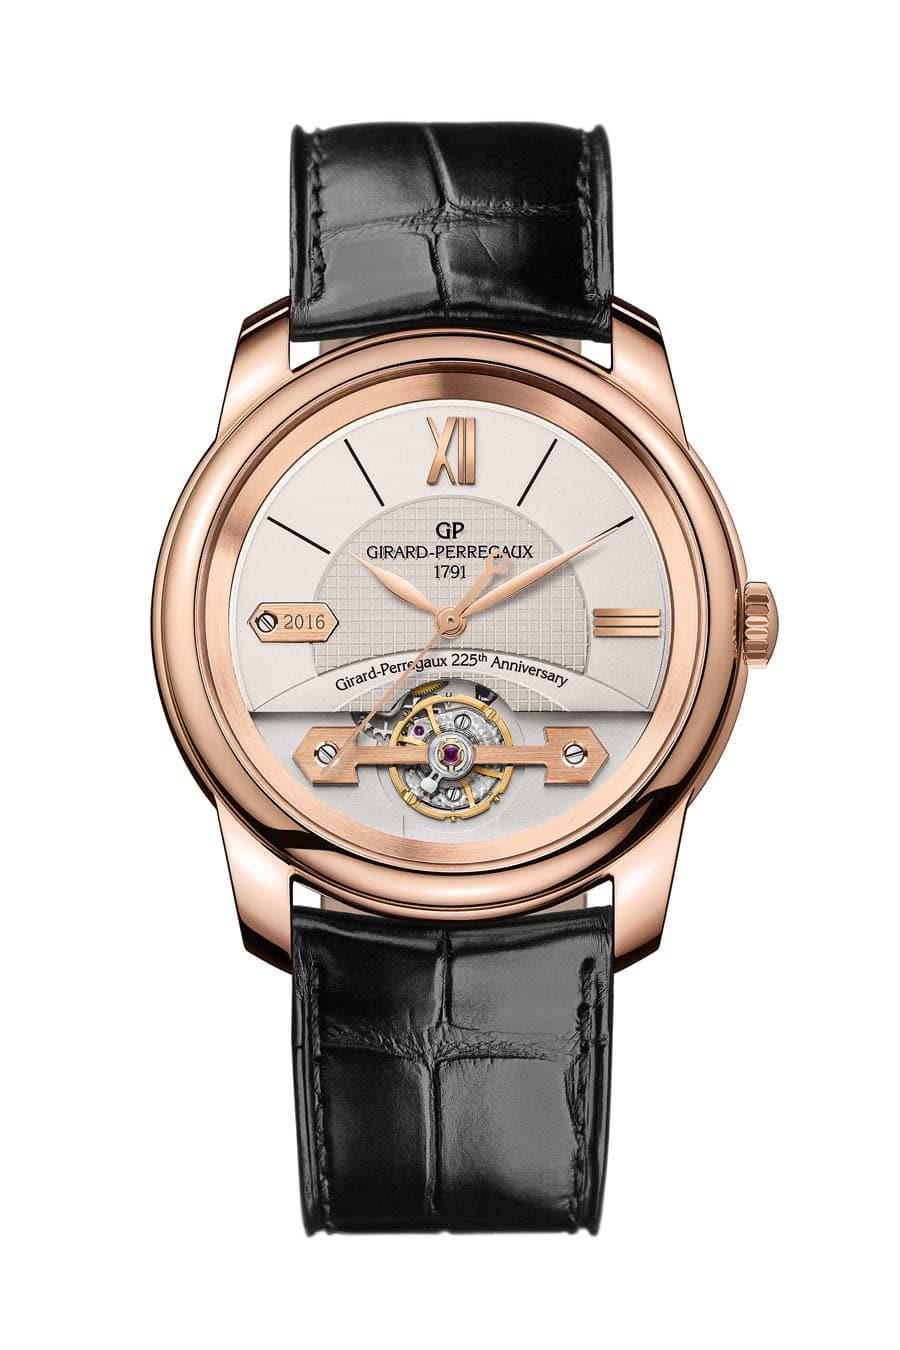 Das Modell 2016 der Place-Girardet-Kollektion würdigt das 225-jährige Bestehen des Unternehmens. Zu sehen ist dies am Signet bei neun Uhr und an dem Schriftzug Girard-Perregaux 225th Anniversary.